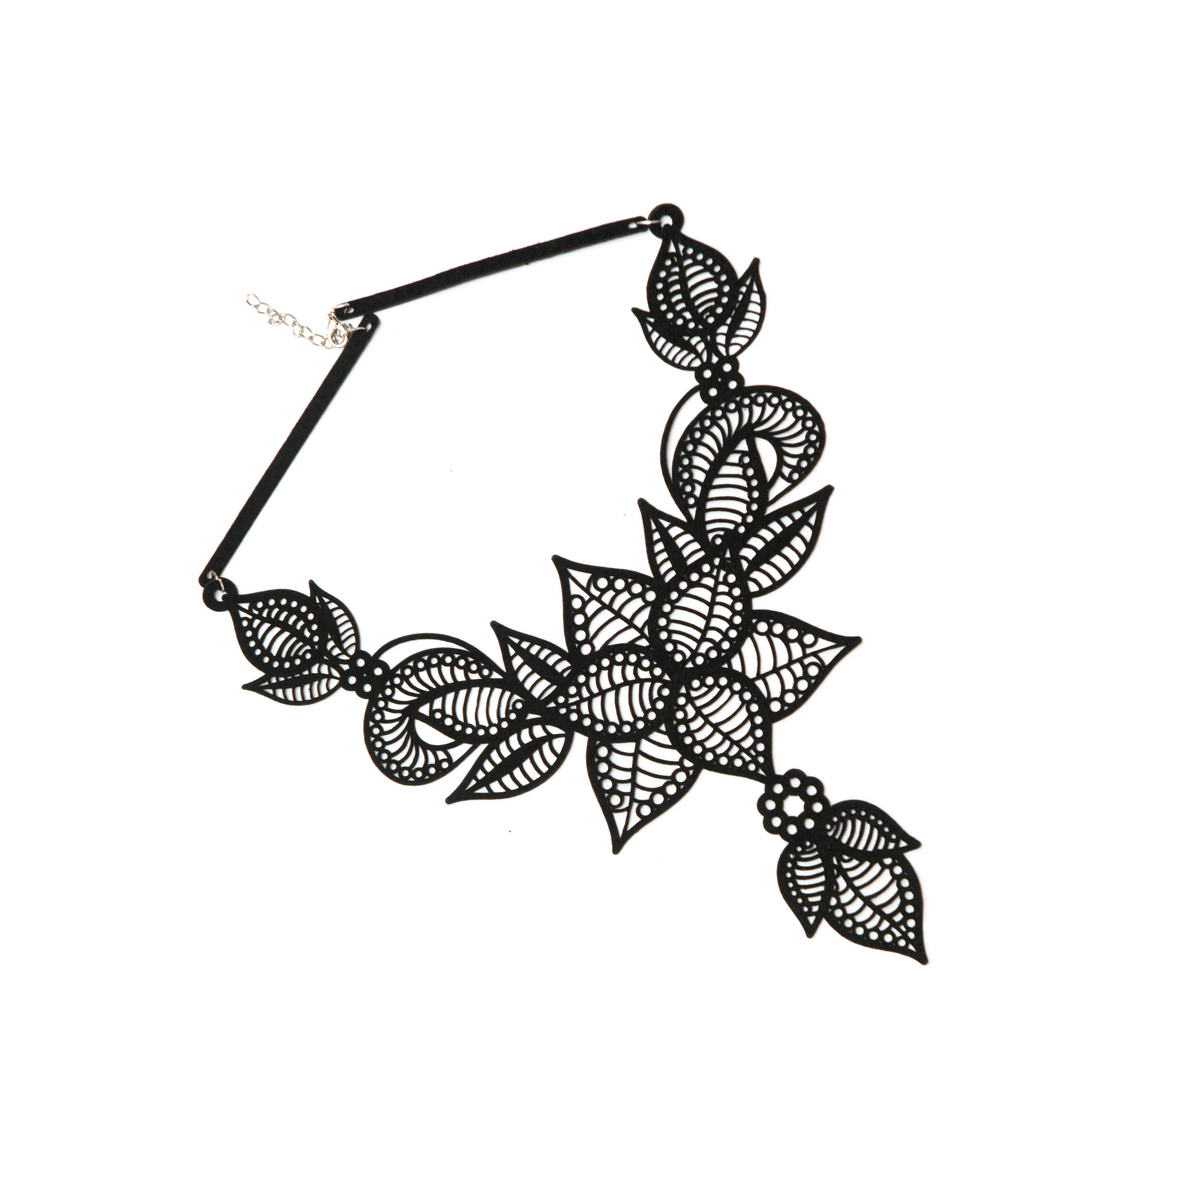 Колье/ожерелье бижутерное Alena Alenkina ожерелье sweet spirit 925